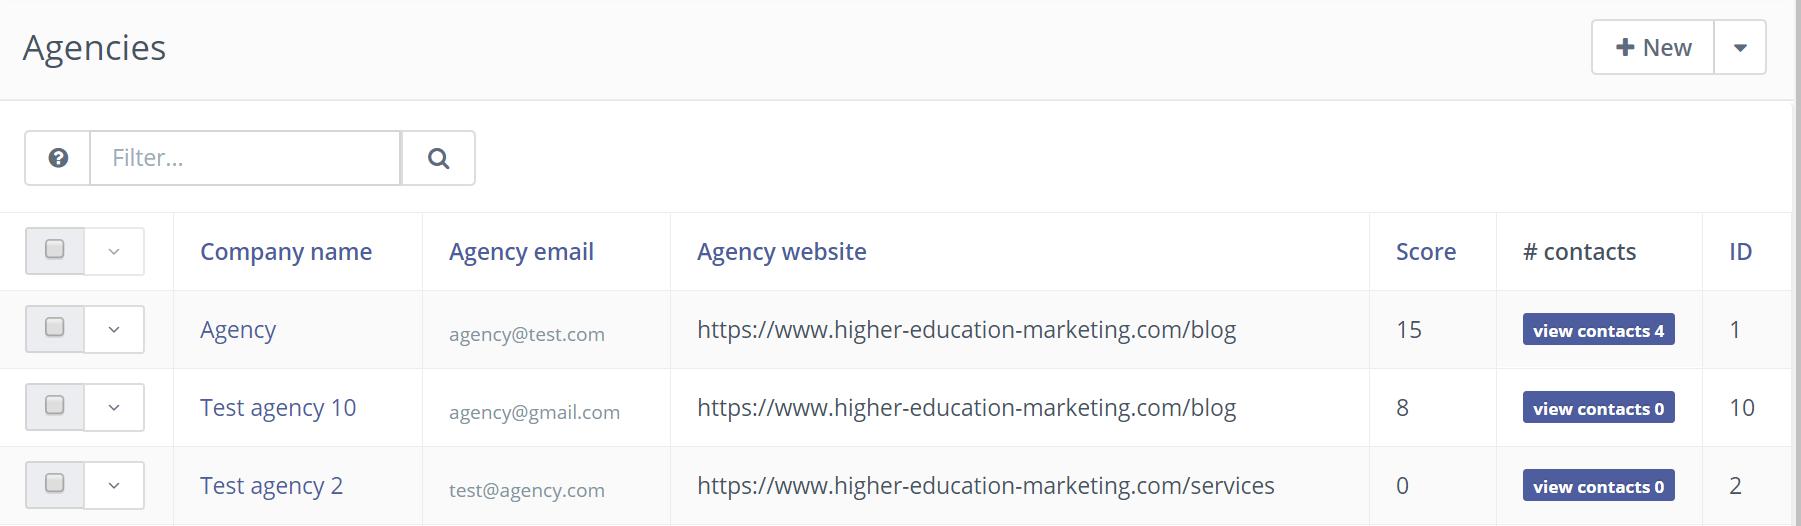 agencies overview